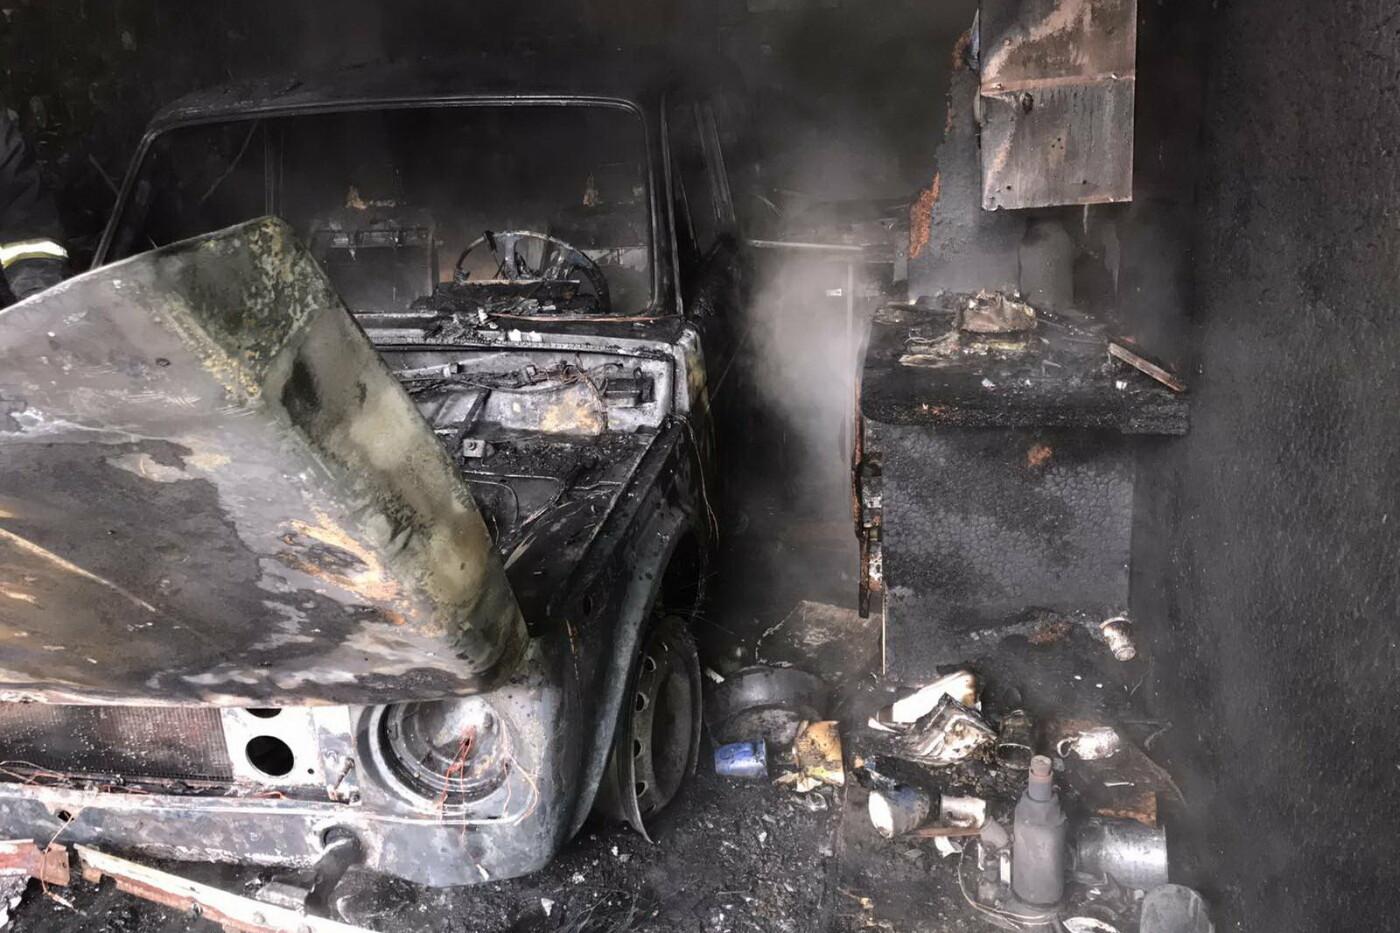 Пытался сам потушить огонь: в Харькове во время пожара в гаражном кооперативе пострадал мужчина, - ФОТО, фото-1